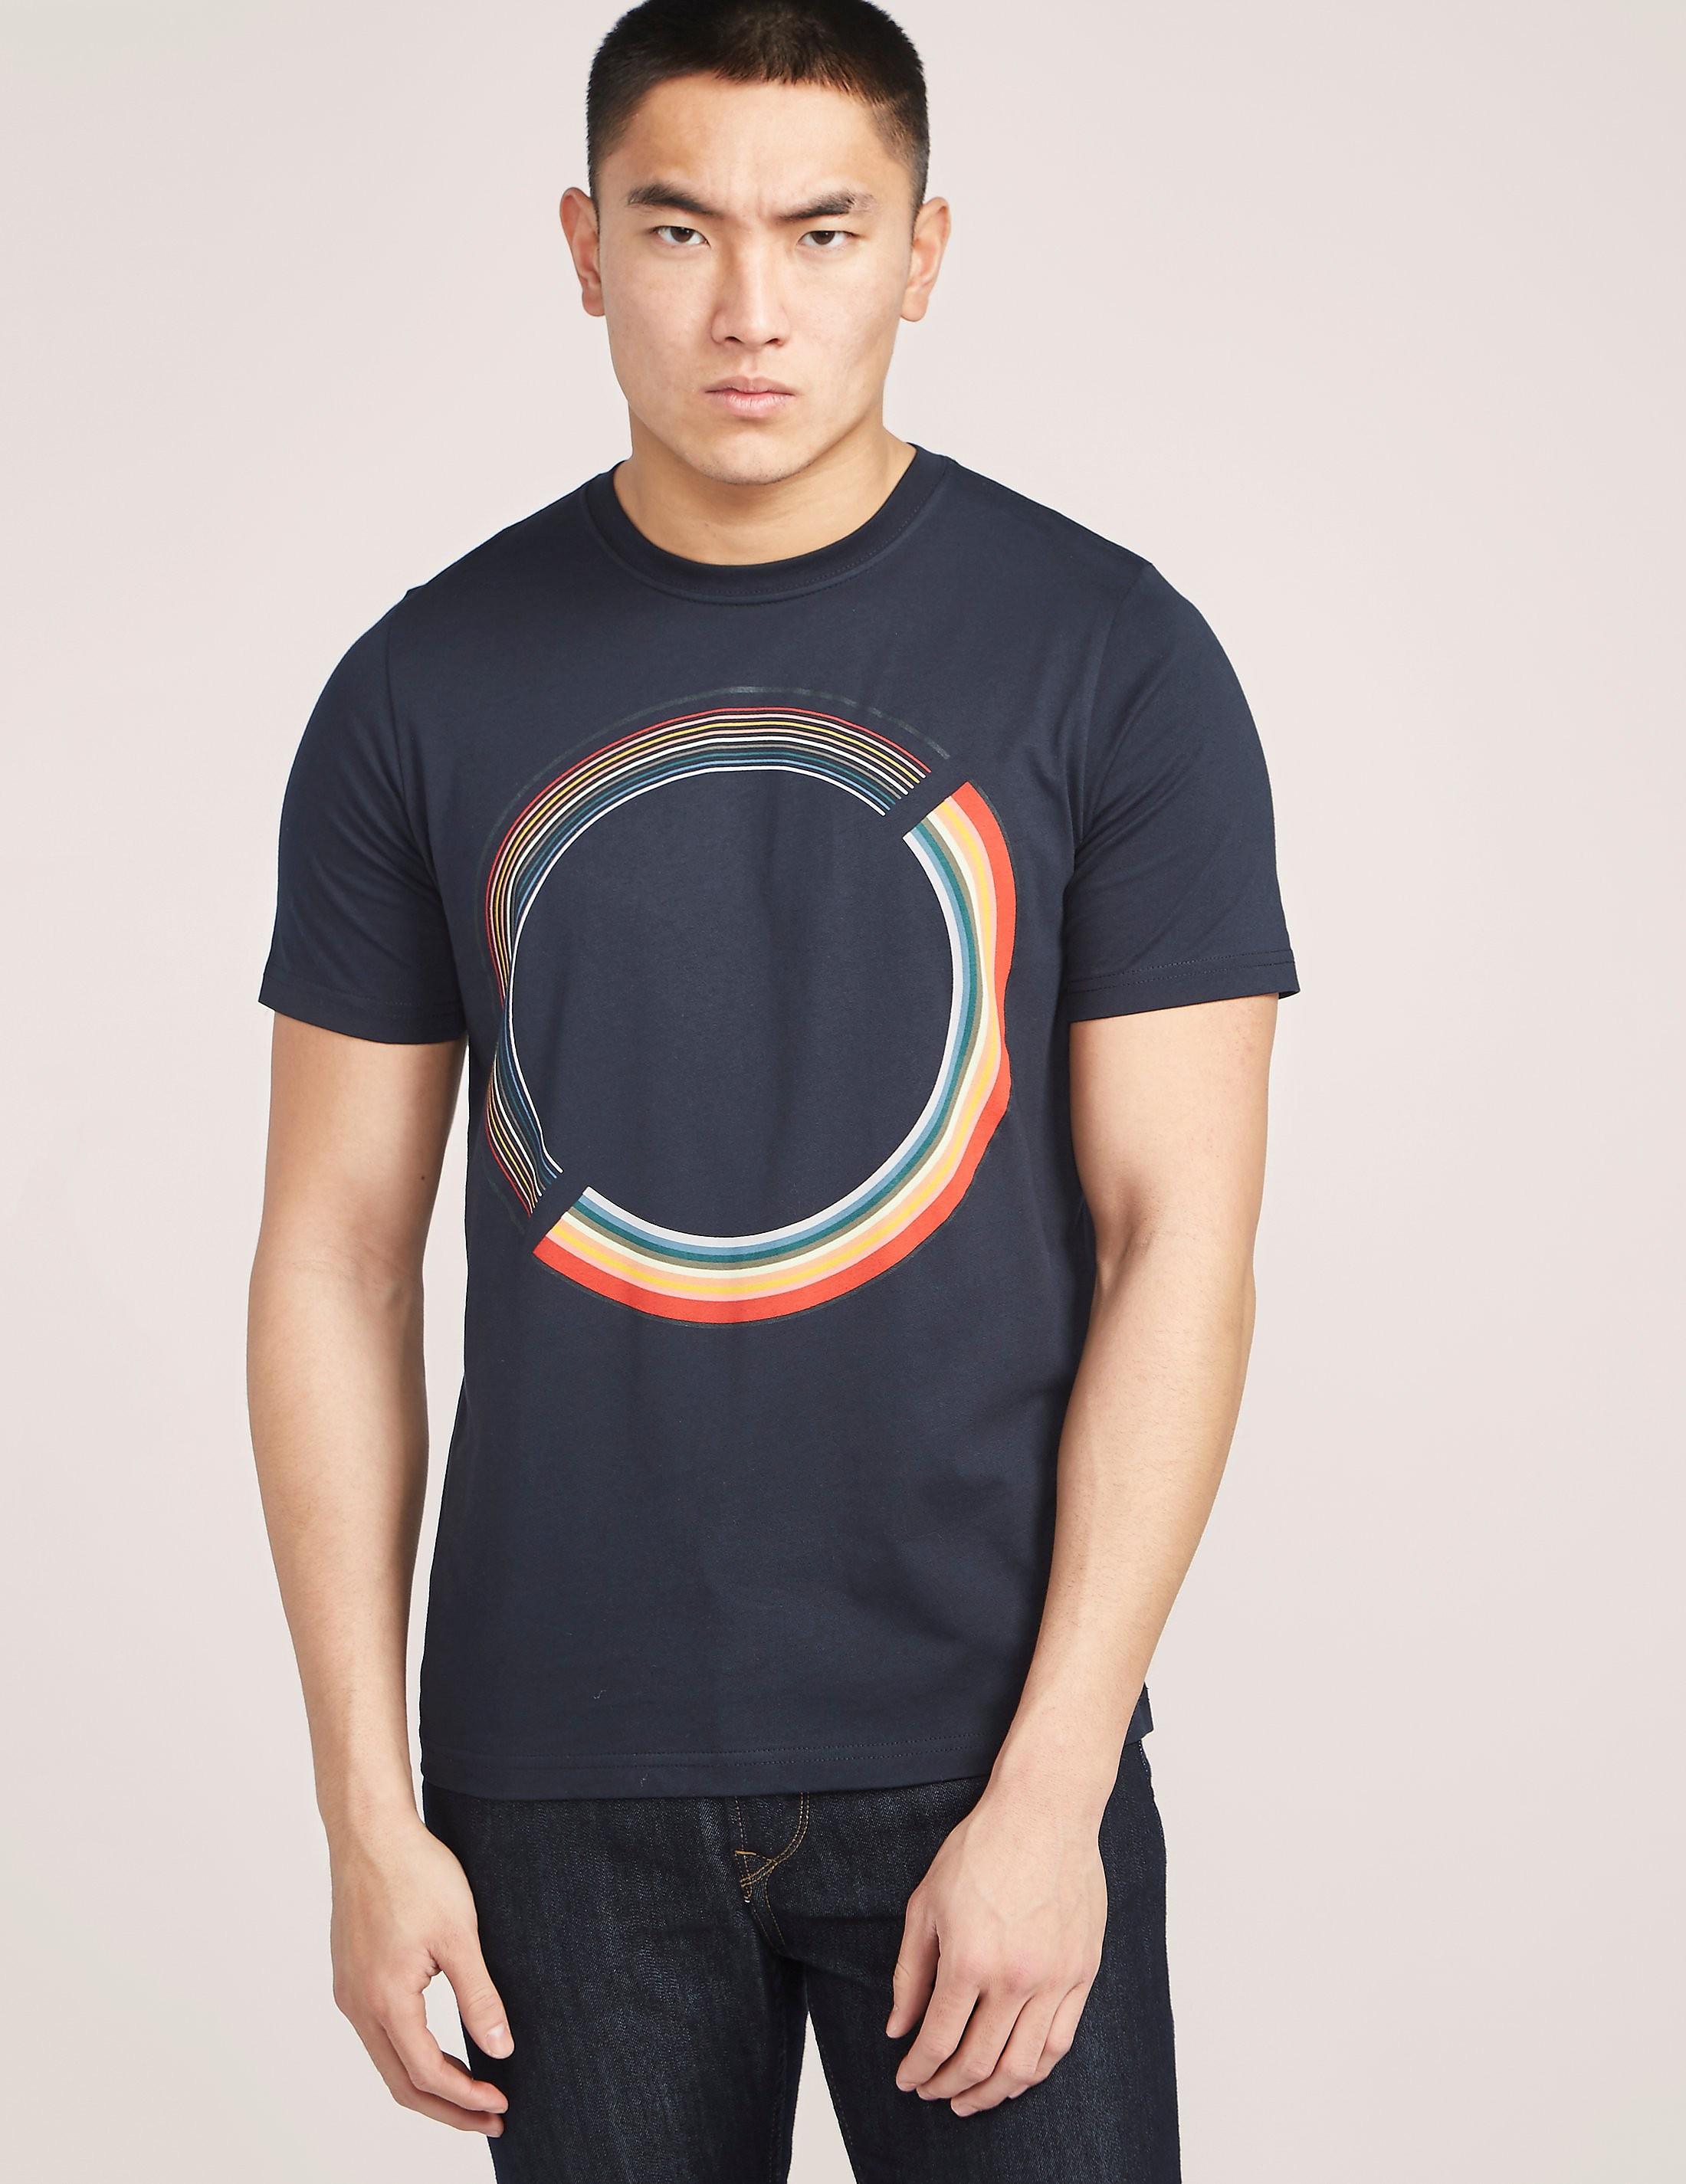 Paul Smith Short Sleeve Colour Wheel T-Shirt